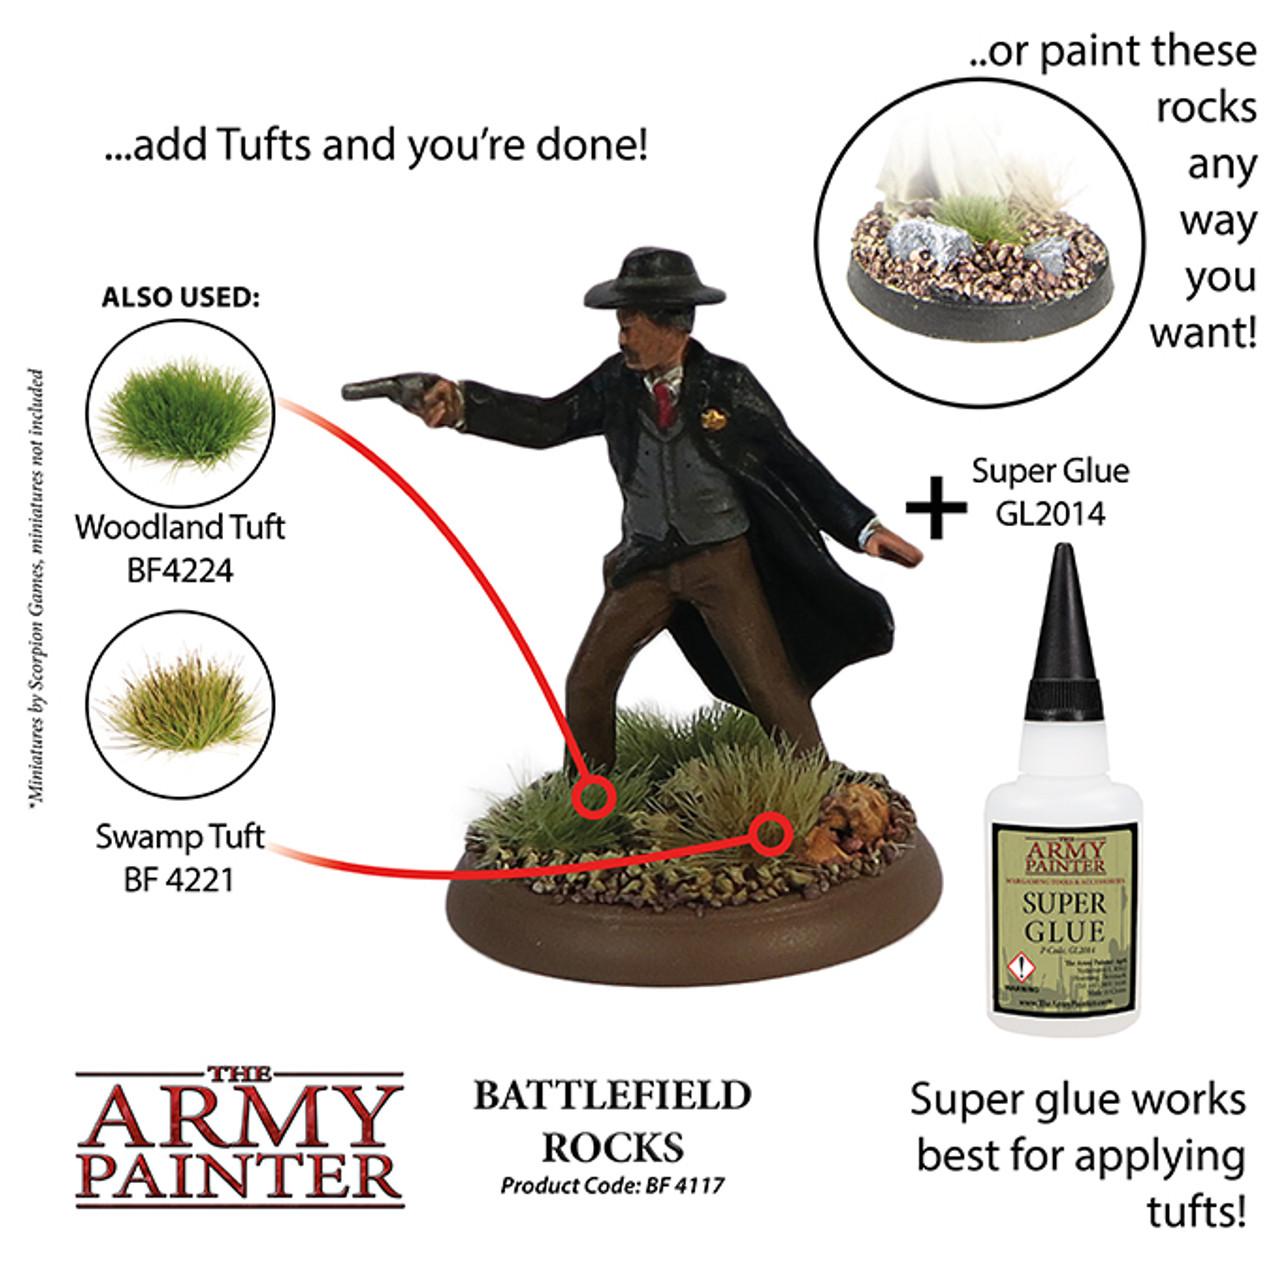 Army Painter Battlefield Rocks